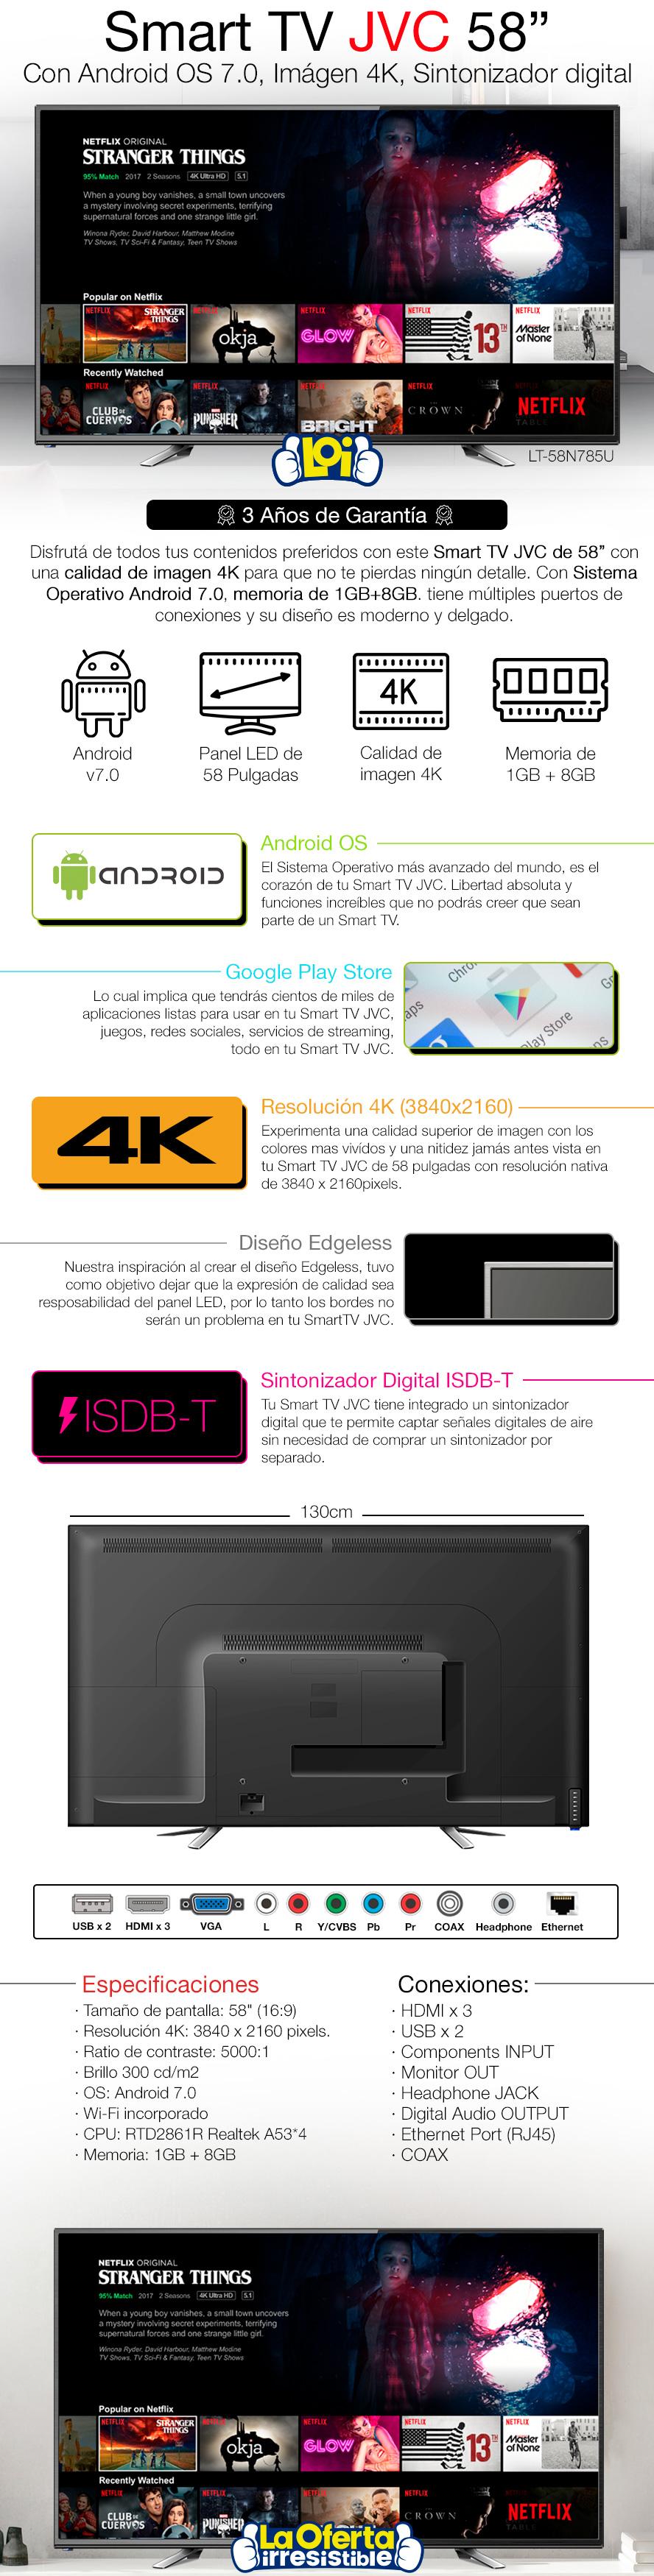 SMART TV 58' 4K UltraHD JVC con ¡3 Años de Garantía!